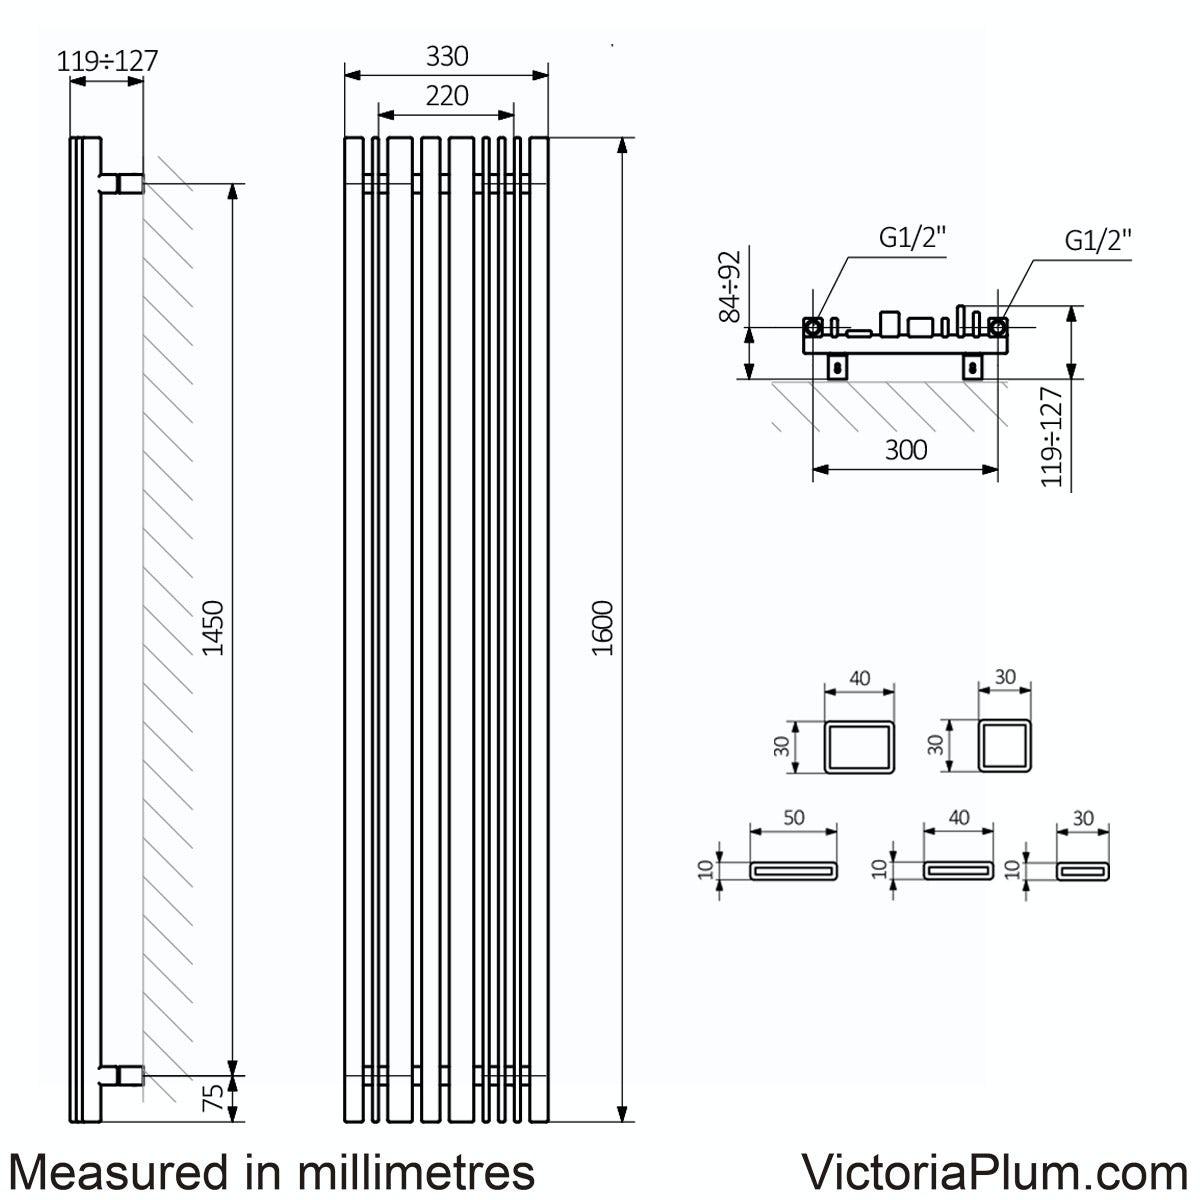 Dimensions for Terma Sherwood terra brown vertical radiator 1600 x 330